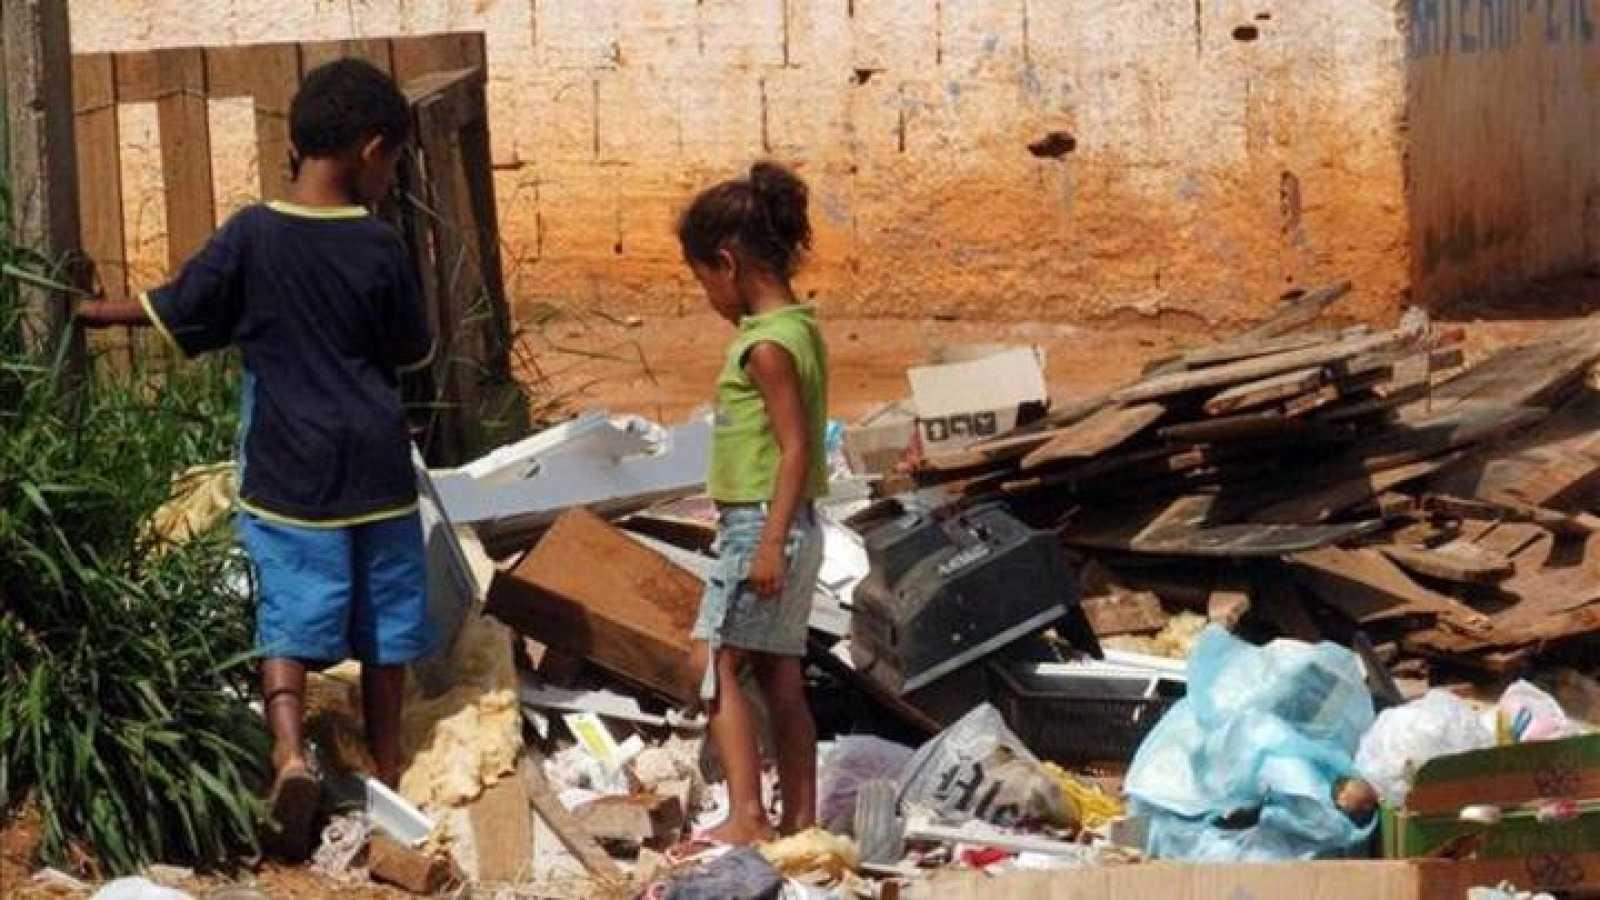 La ONU advierte de que la pobreza afecta a 2.200 millones de personas en todo el mundo